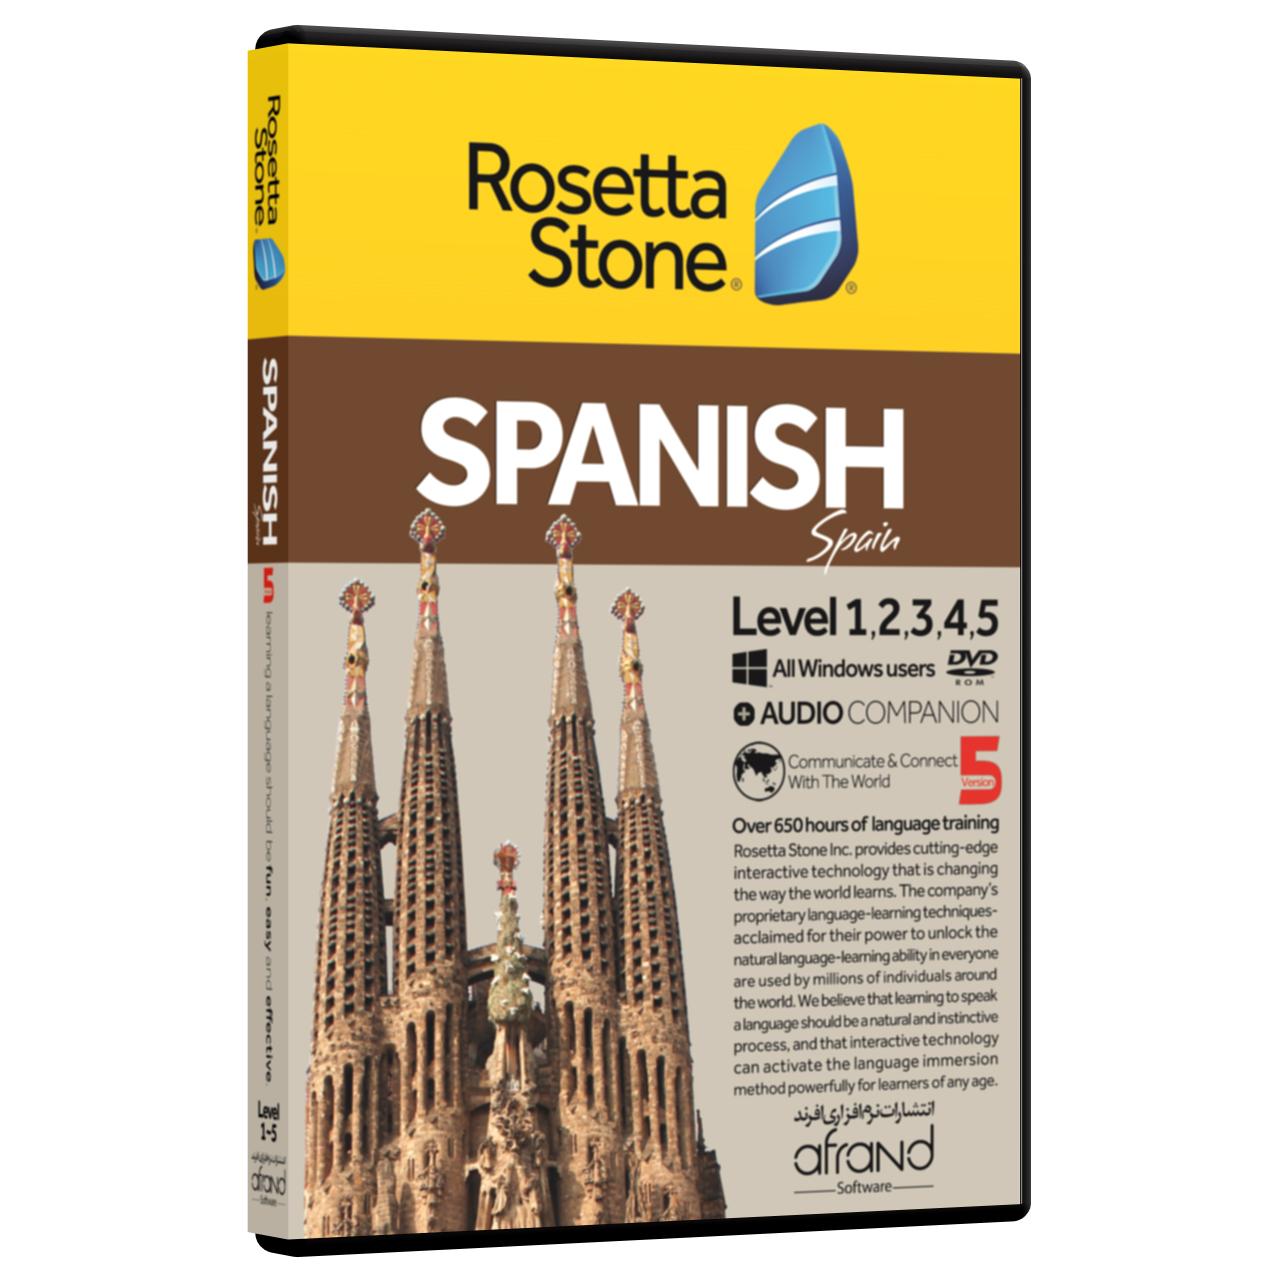 نرم افزار آموزش زبان اسپانیایی رزتااستون نسخه 5 انتشارات نرم افزاری افرند